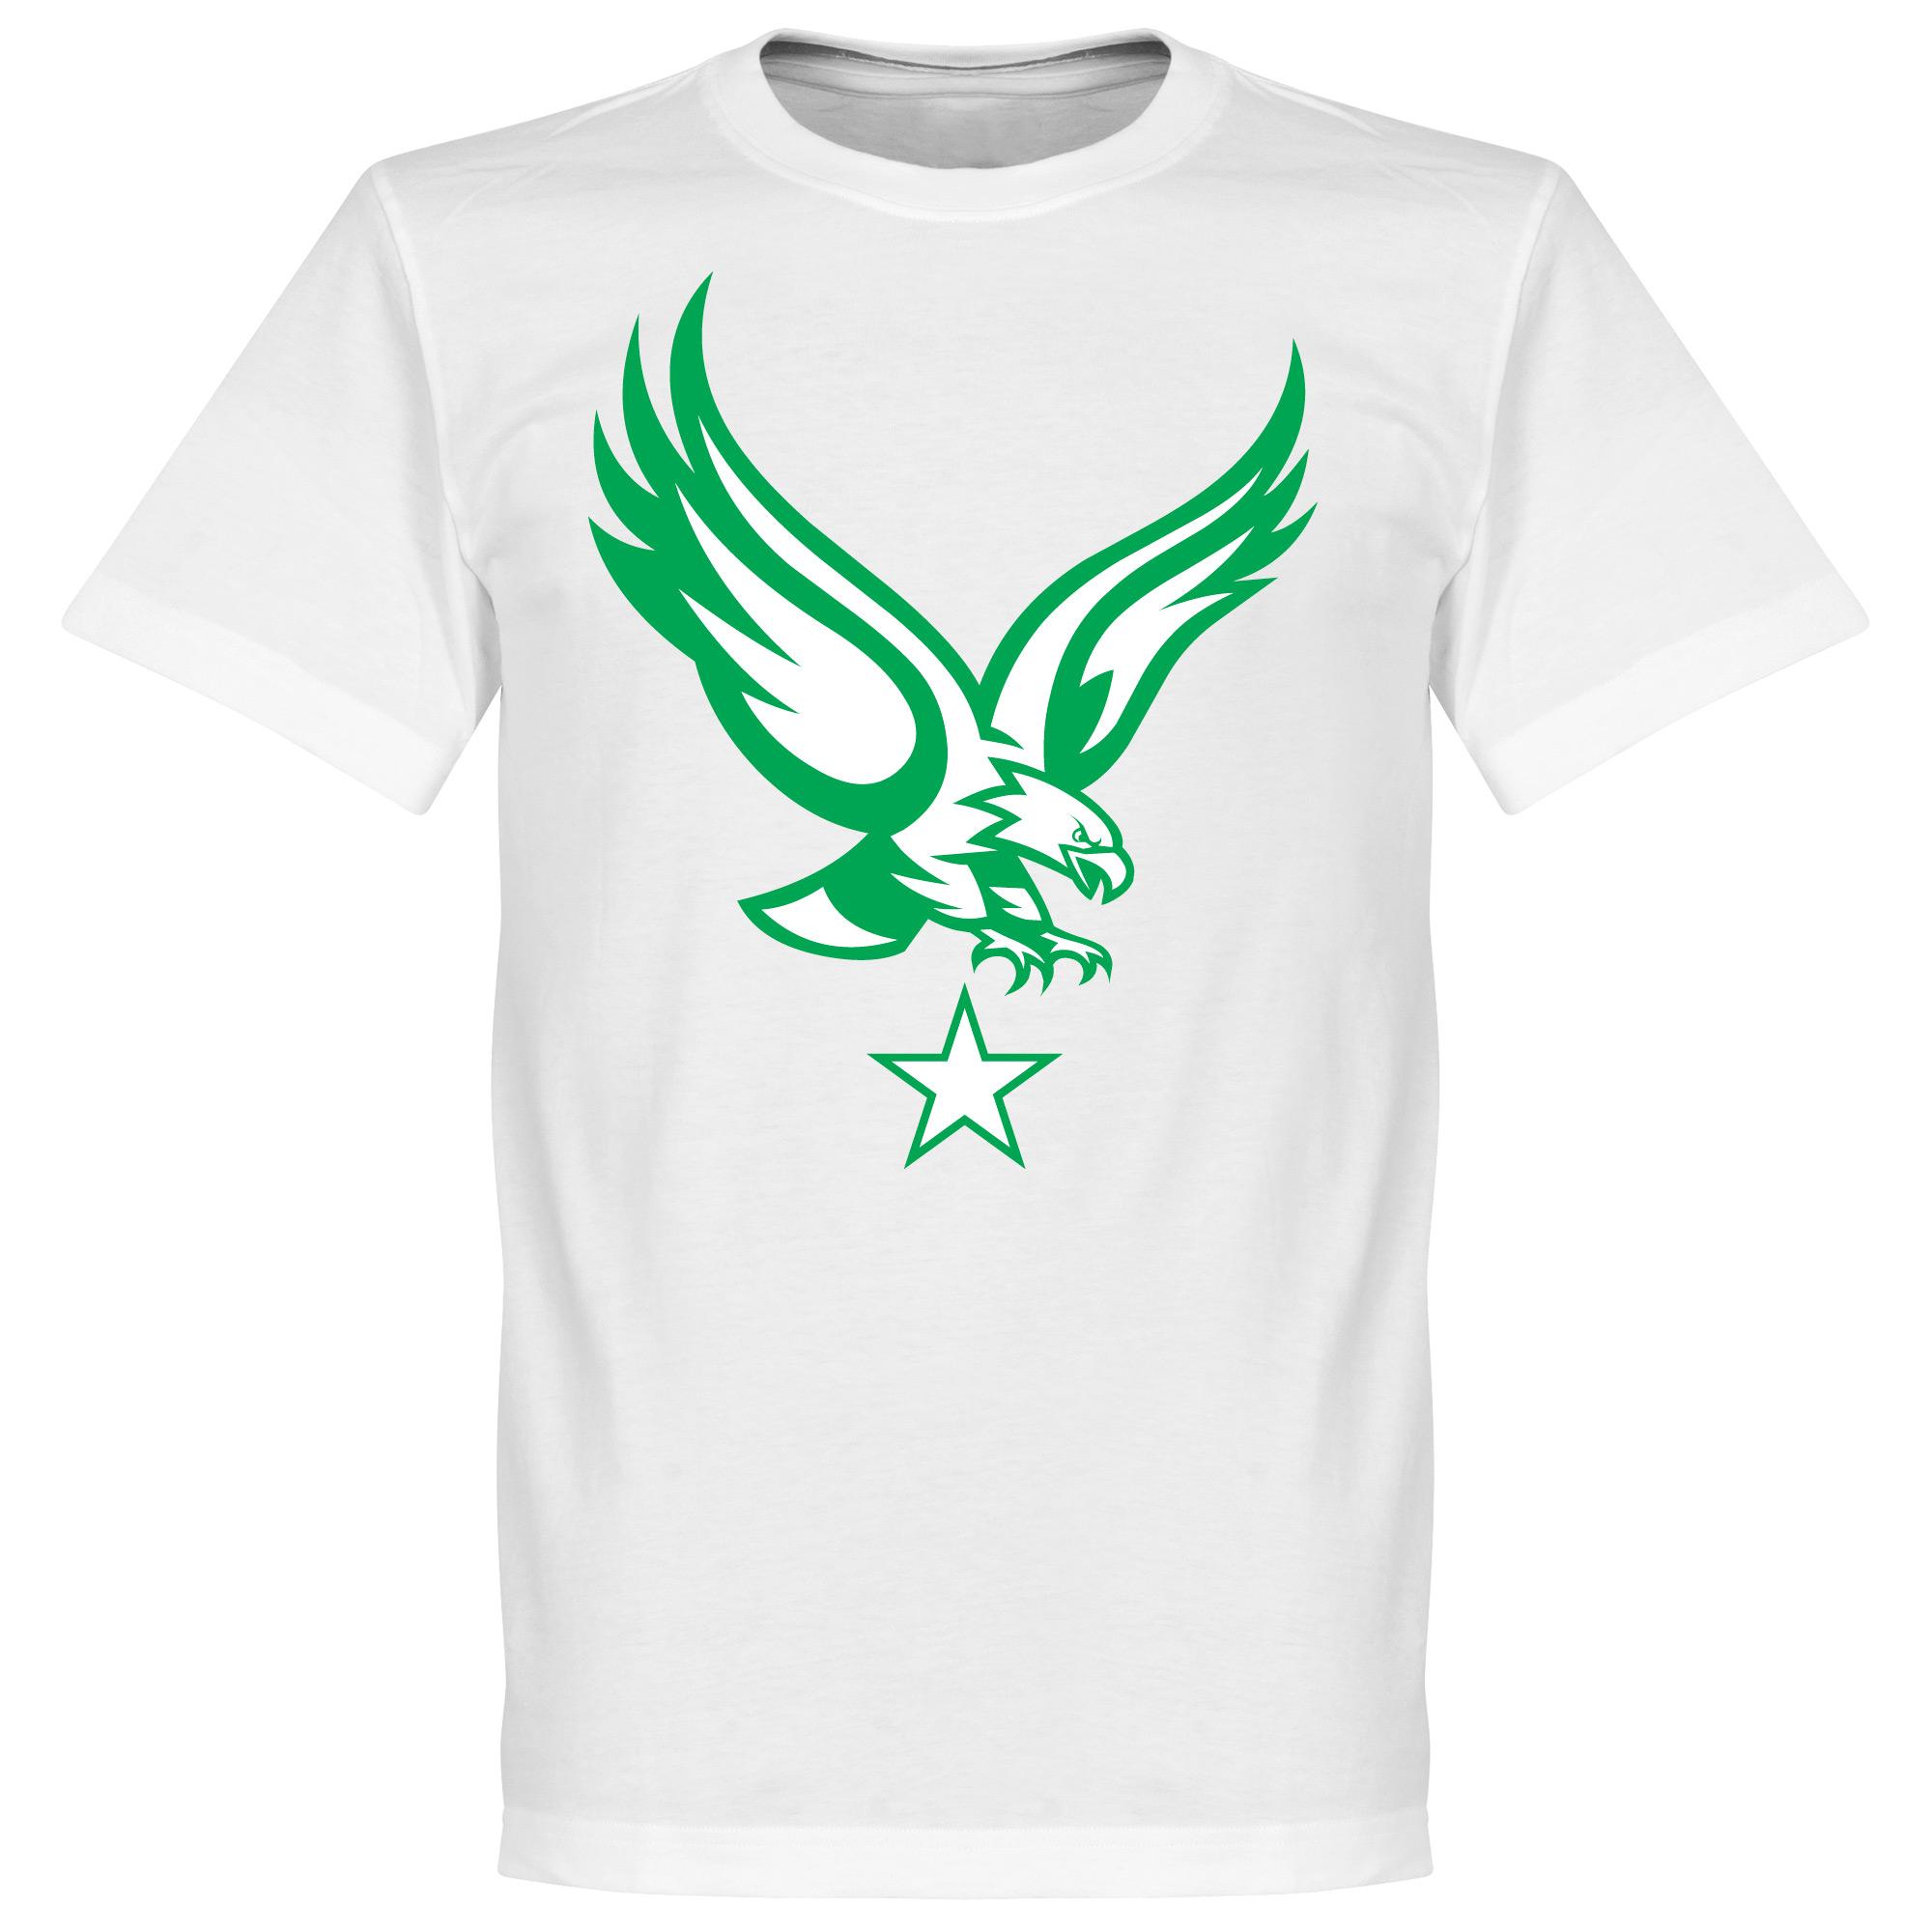 Togo Eagle Tee - White - XS